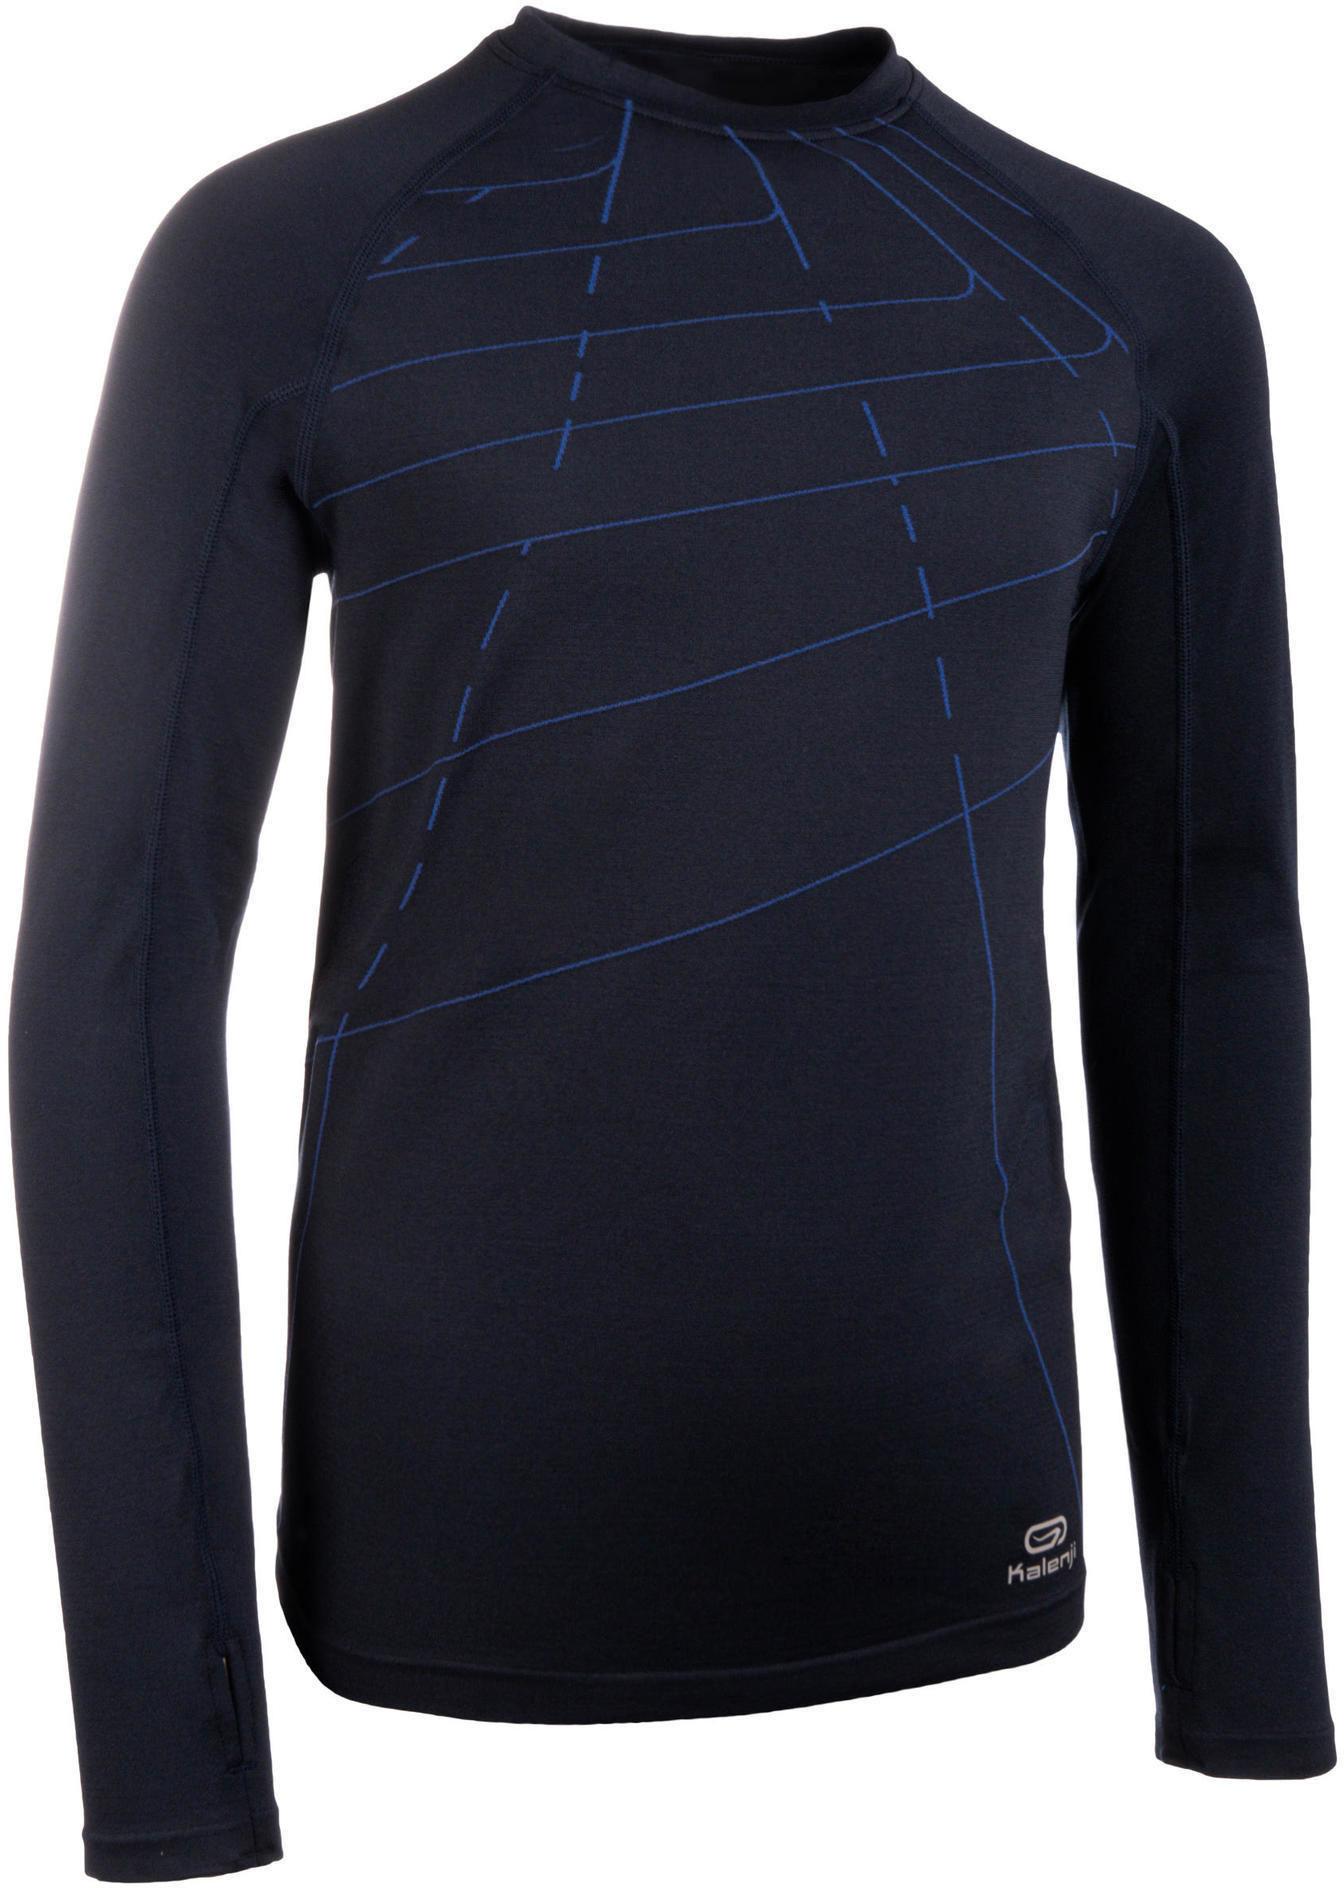 Koszulka termoaktywna do biegania dziecięca Kalenji AT 500